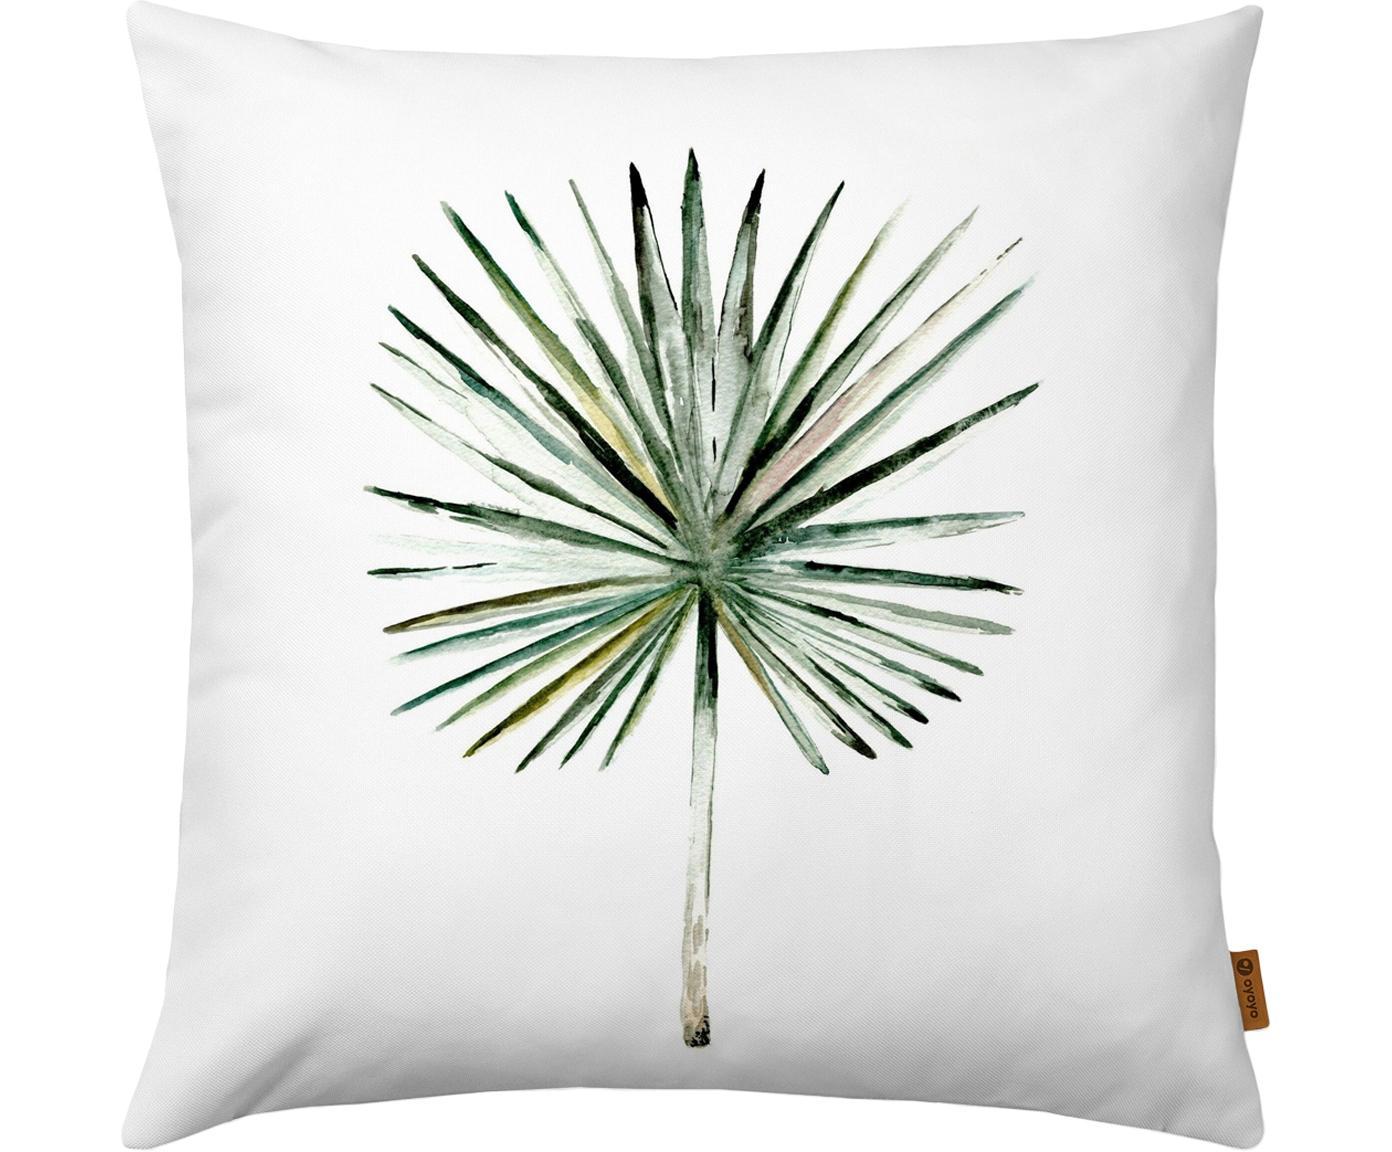 Kussenhoes Fan Palm, Polyester, Wit, groentinten, 40 x 40 cm